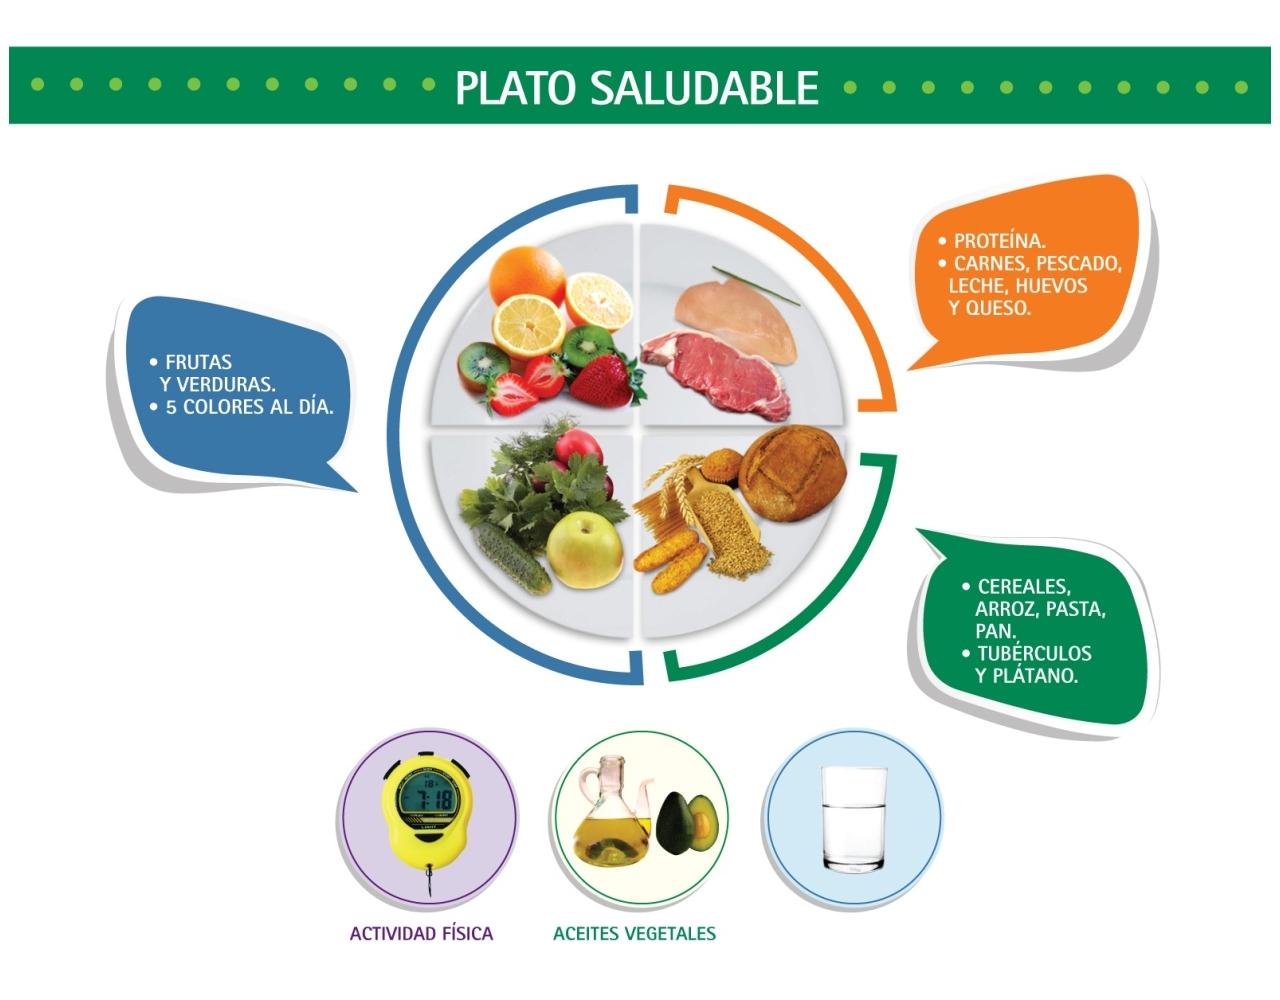 Carne del mercado colombiana recogida en el mercado - 3 part 3